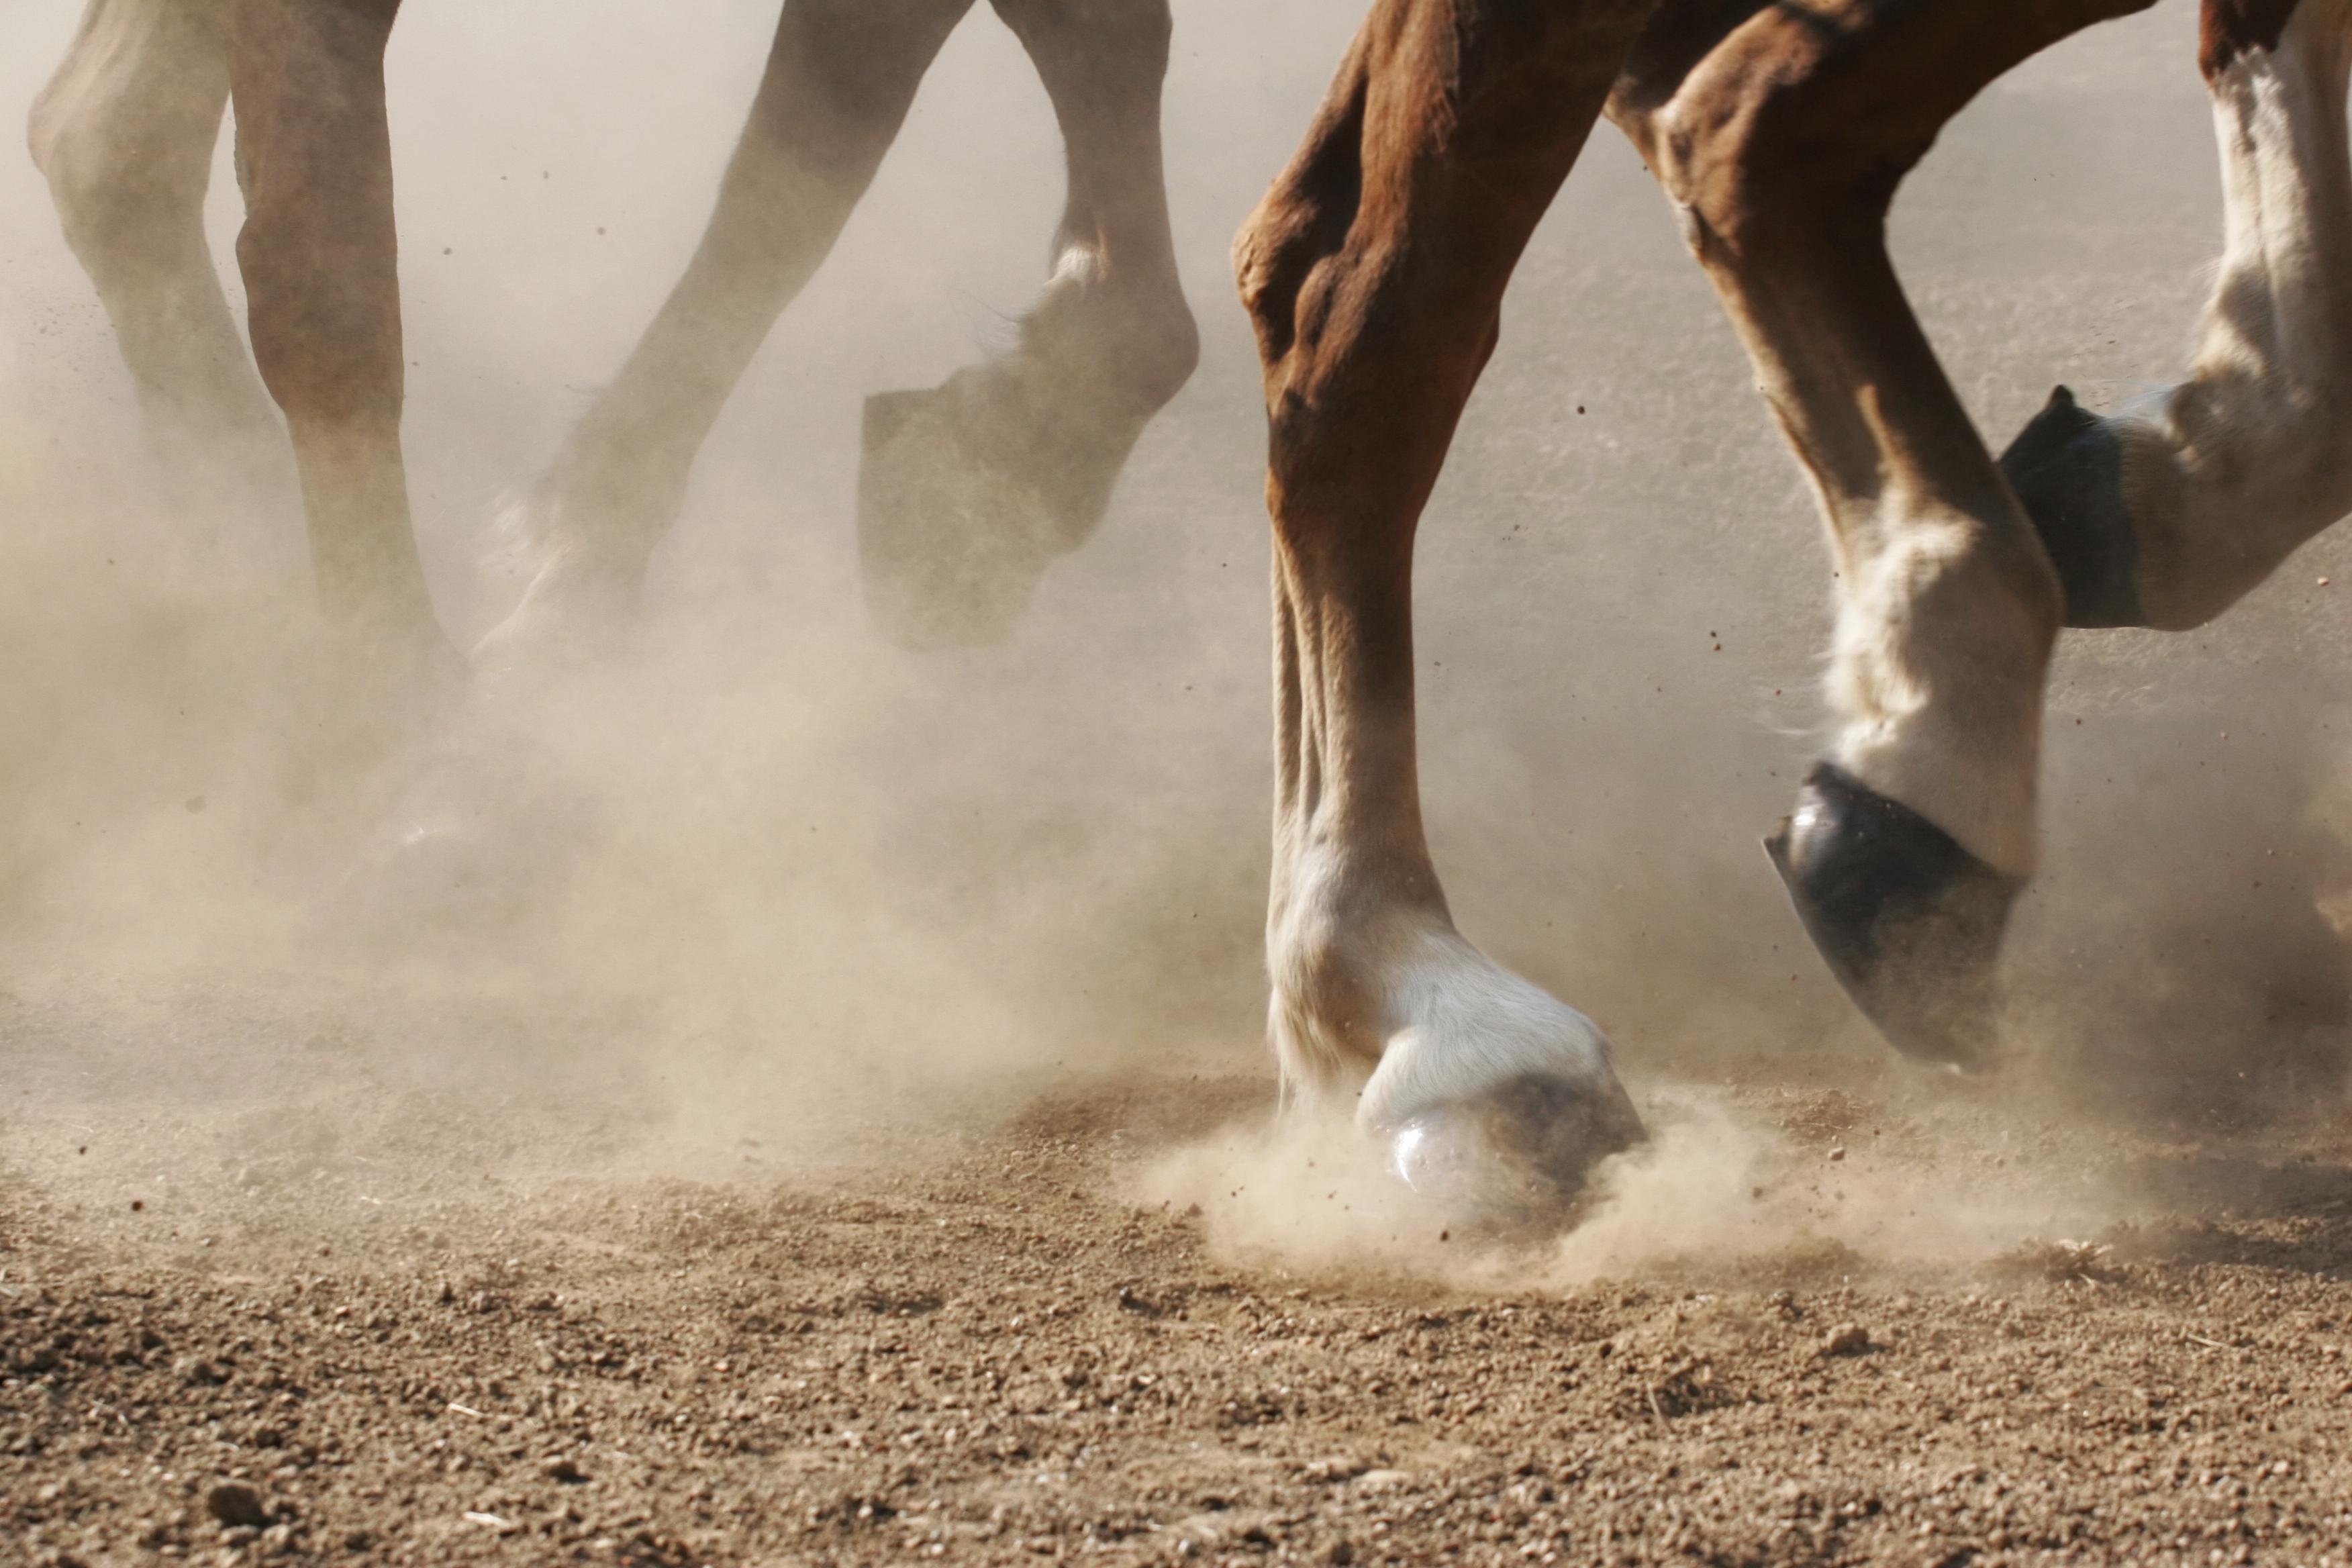 meet caballo singles Si es emocionante pasear al lomo de un caballo,que mejor que hacerlo con  amigos que tengan la misma aficion si te gustan los caballos y.